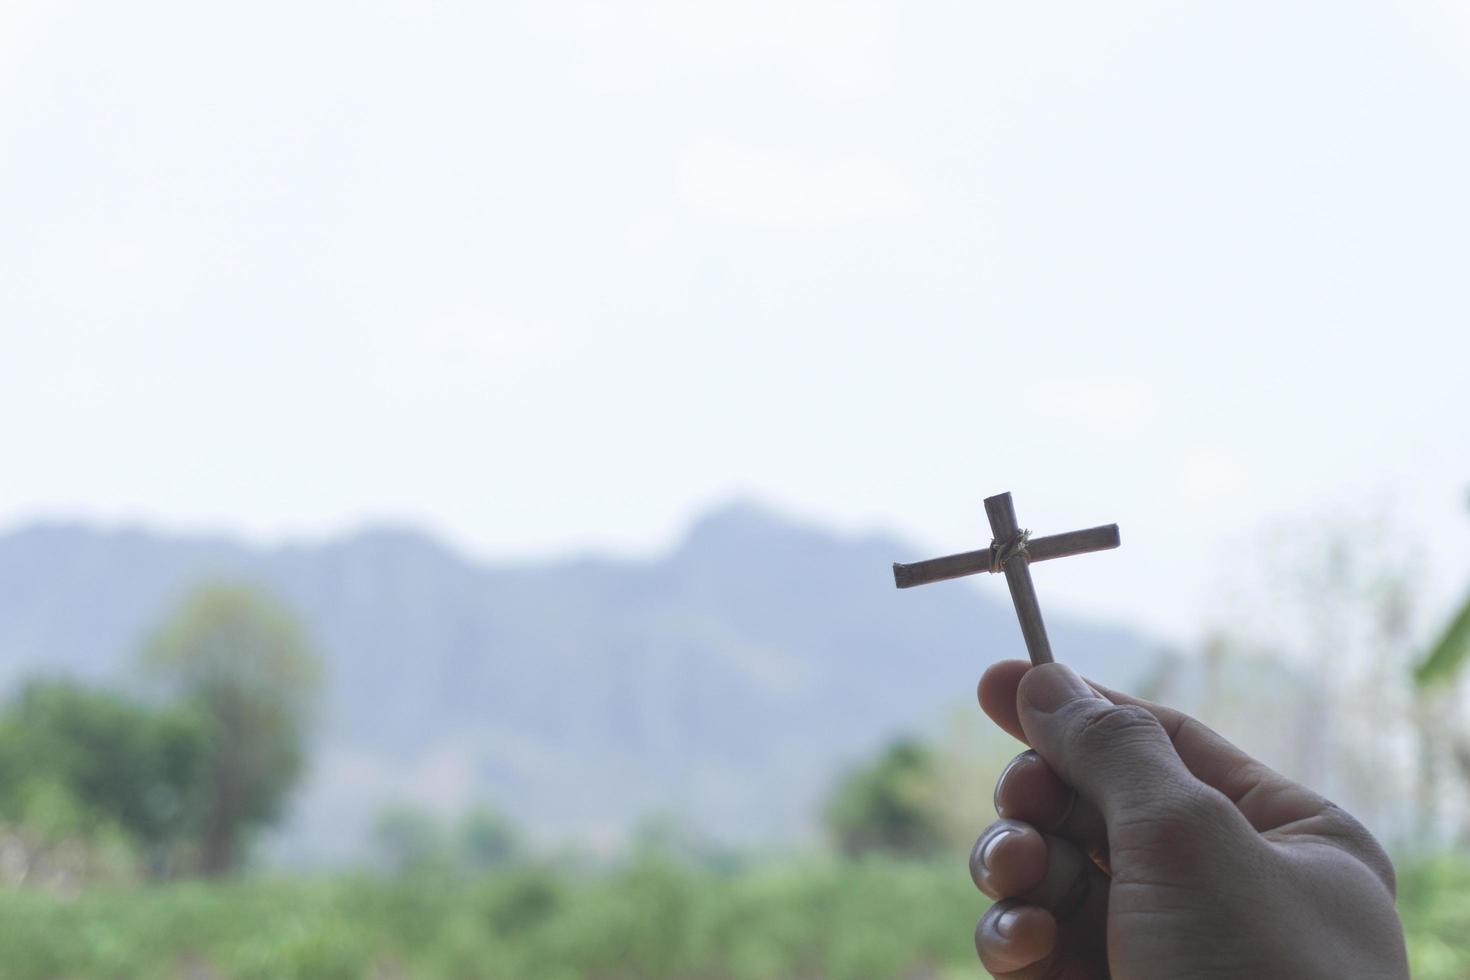 hausgemachtes Kreuz mit Bergen im Hintergrund foto